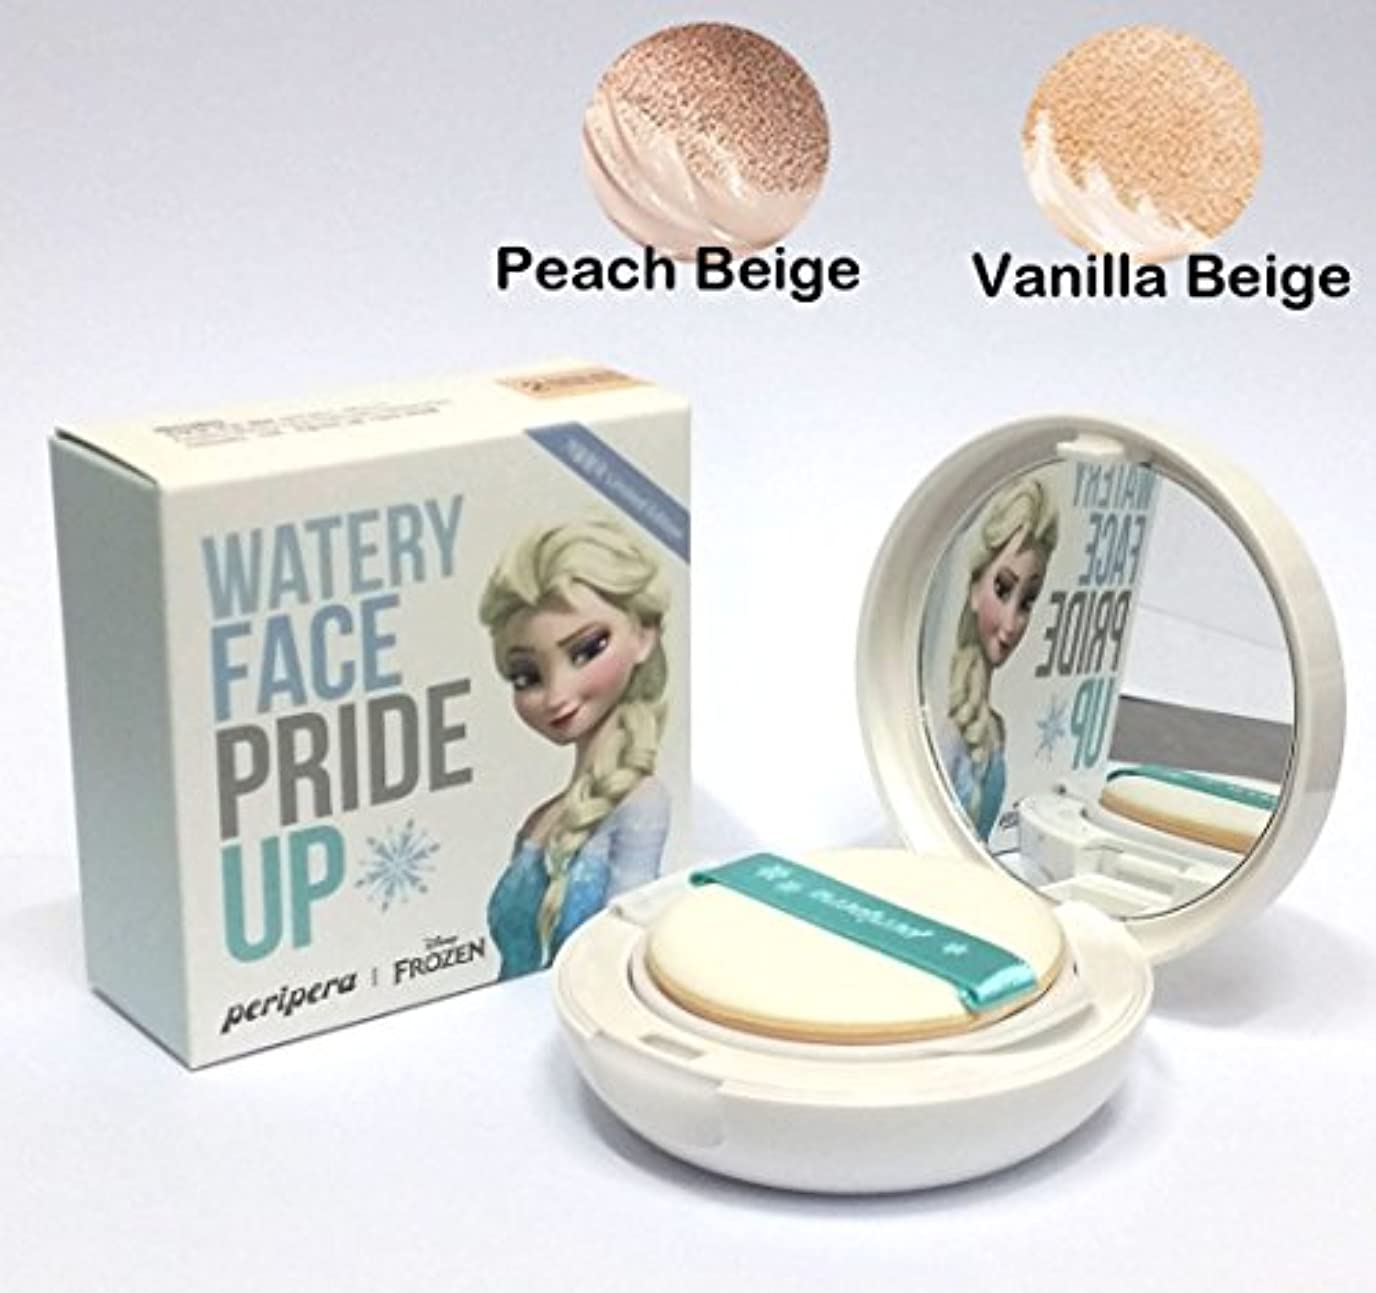 ノミネートモック保証金[PERIPERA] Watery Face Pride Up! Cushion Pact SPF50+ PA+++ 13g / 水面がプライドアップ!クッションパクトSPF50 + PA +++ 13g / #1. Peach...